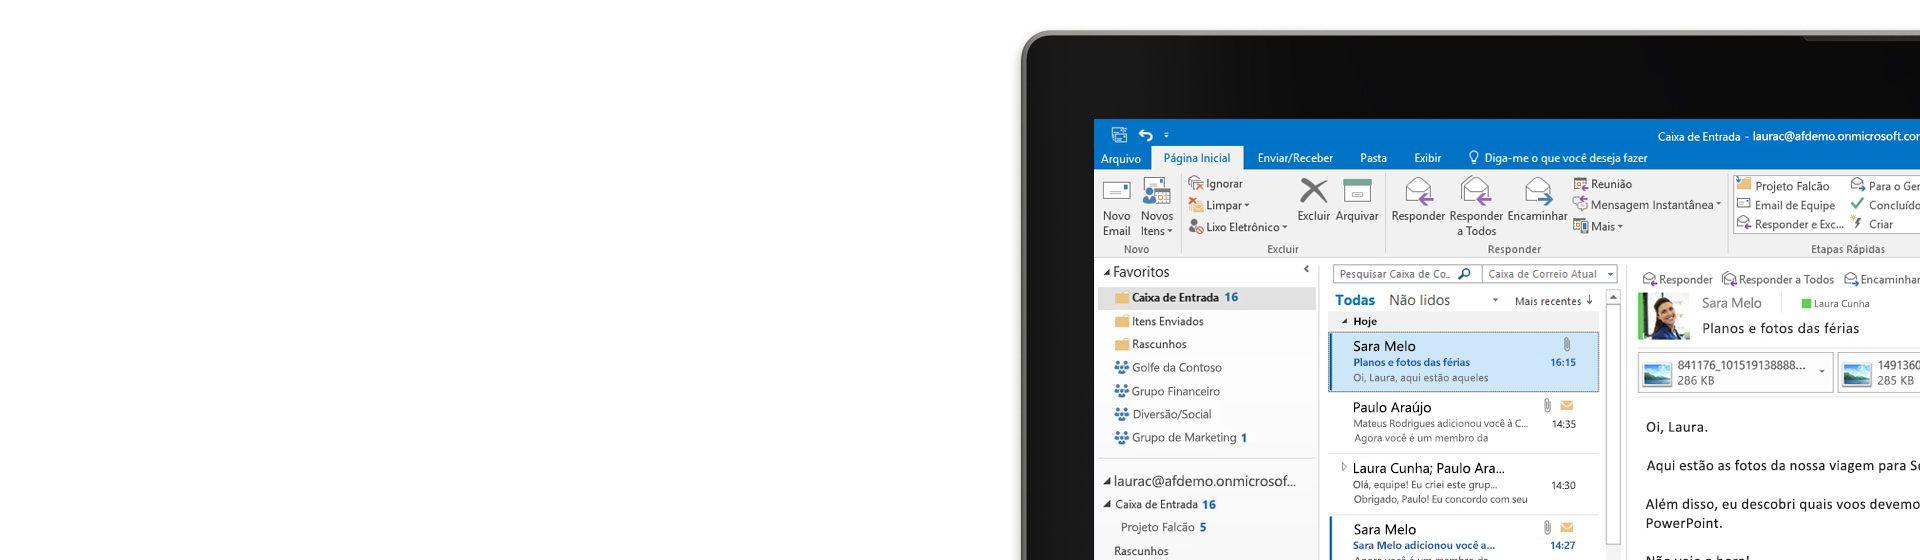 Canto de uma tela de computador exibindo uma caixa de entrada de email no Outlook